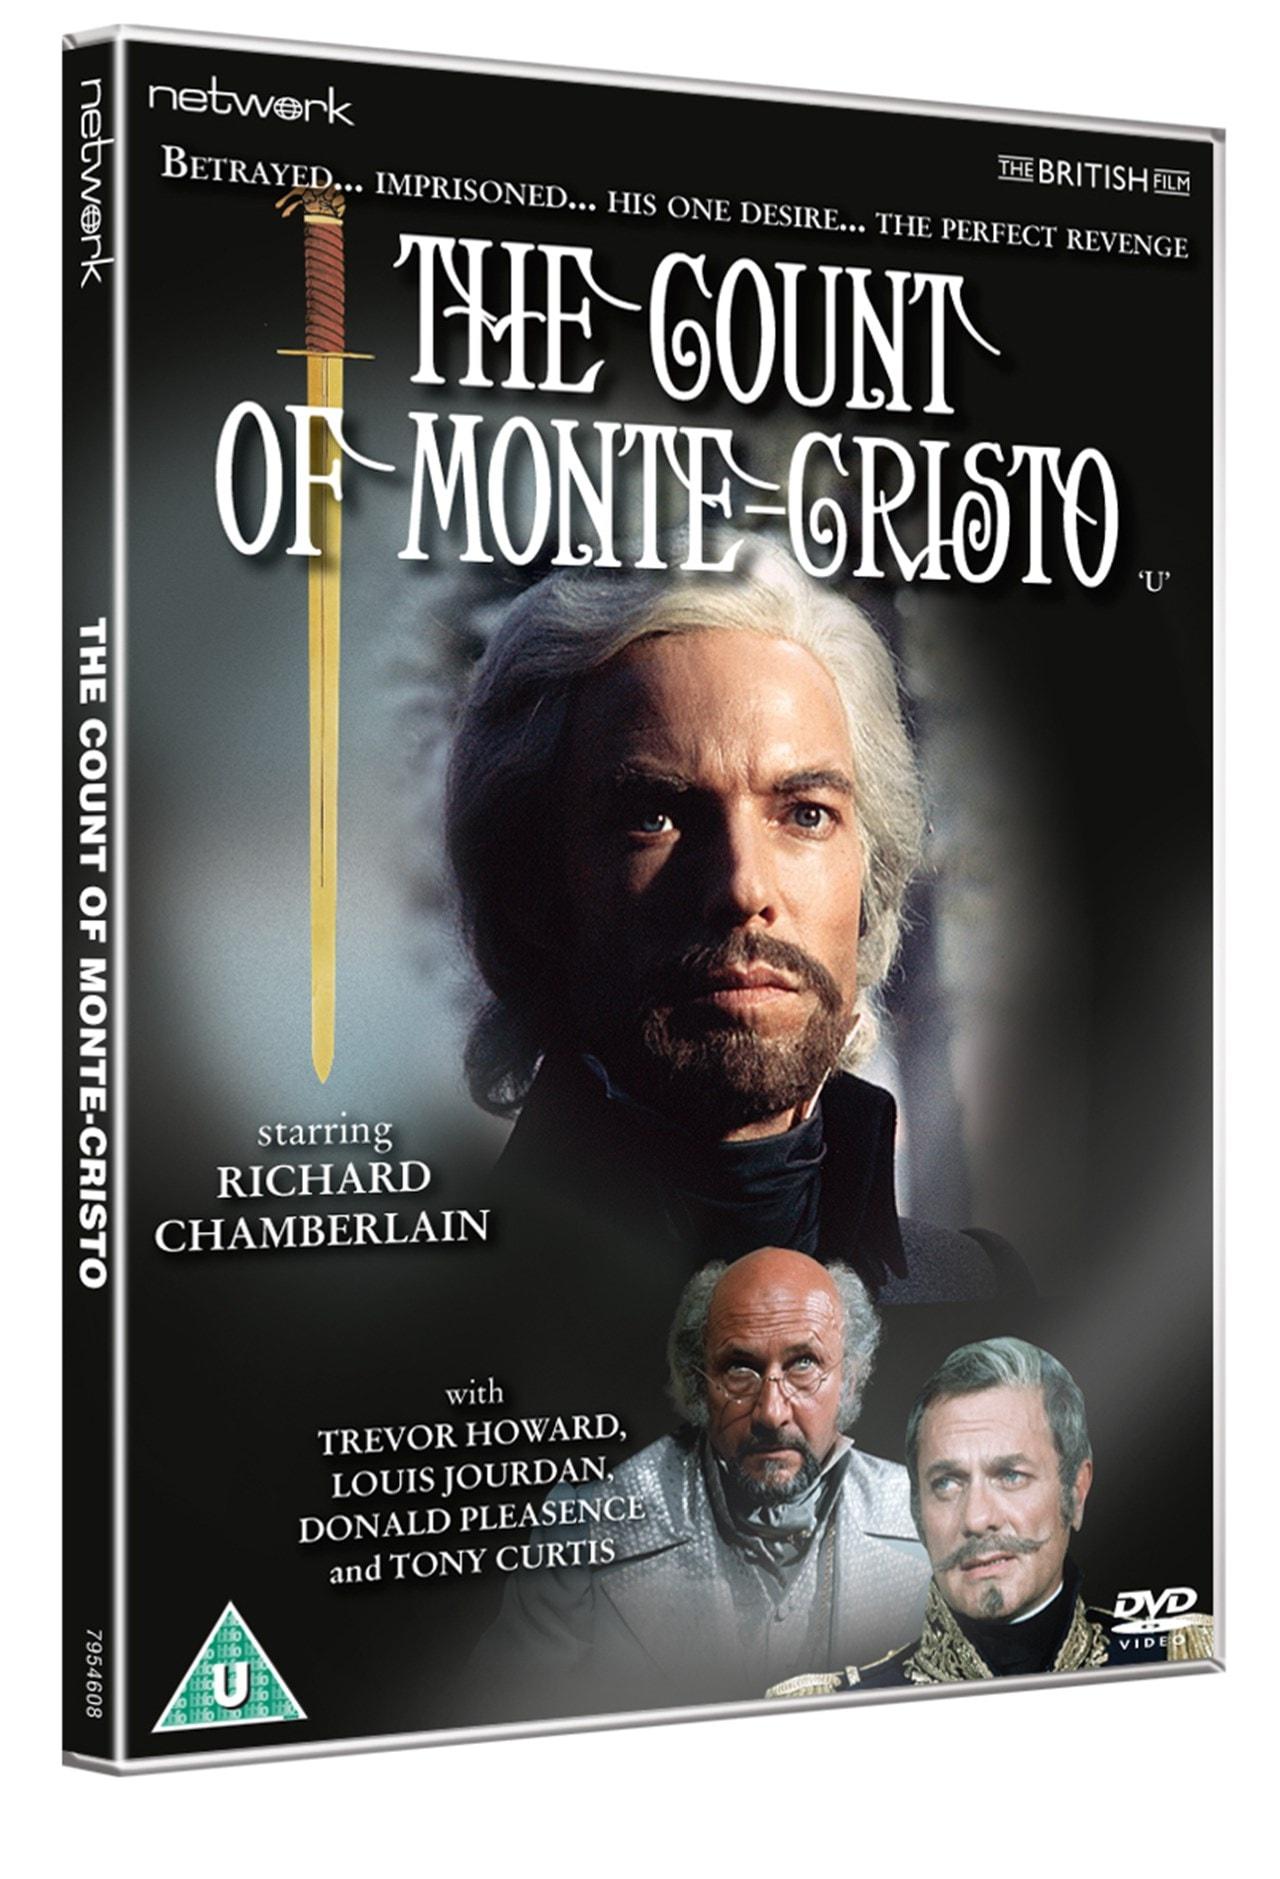 The Count of Monte Cristo - 2